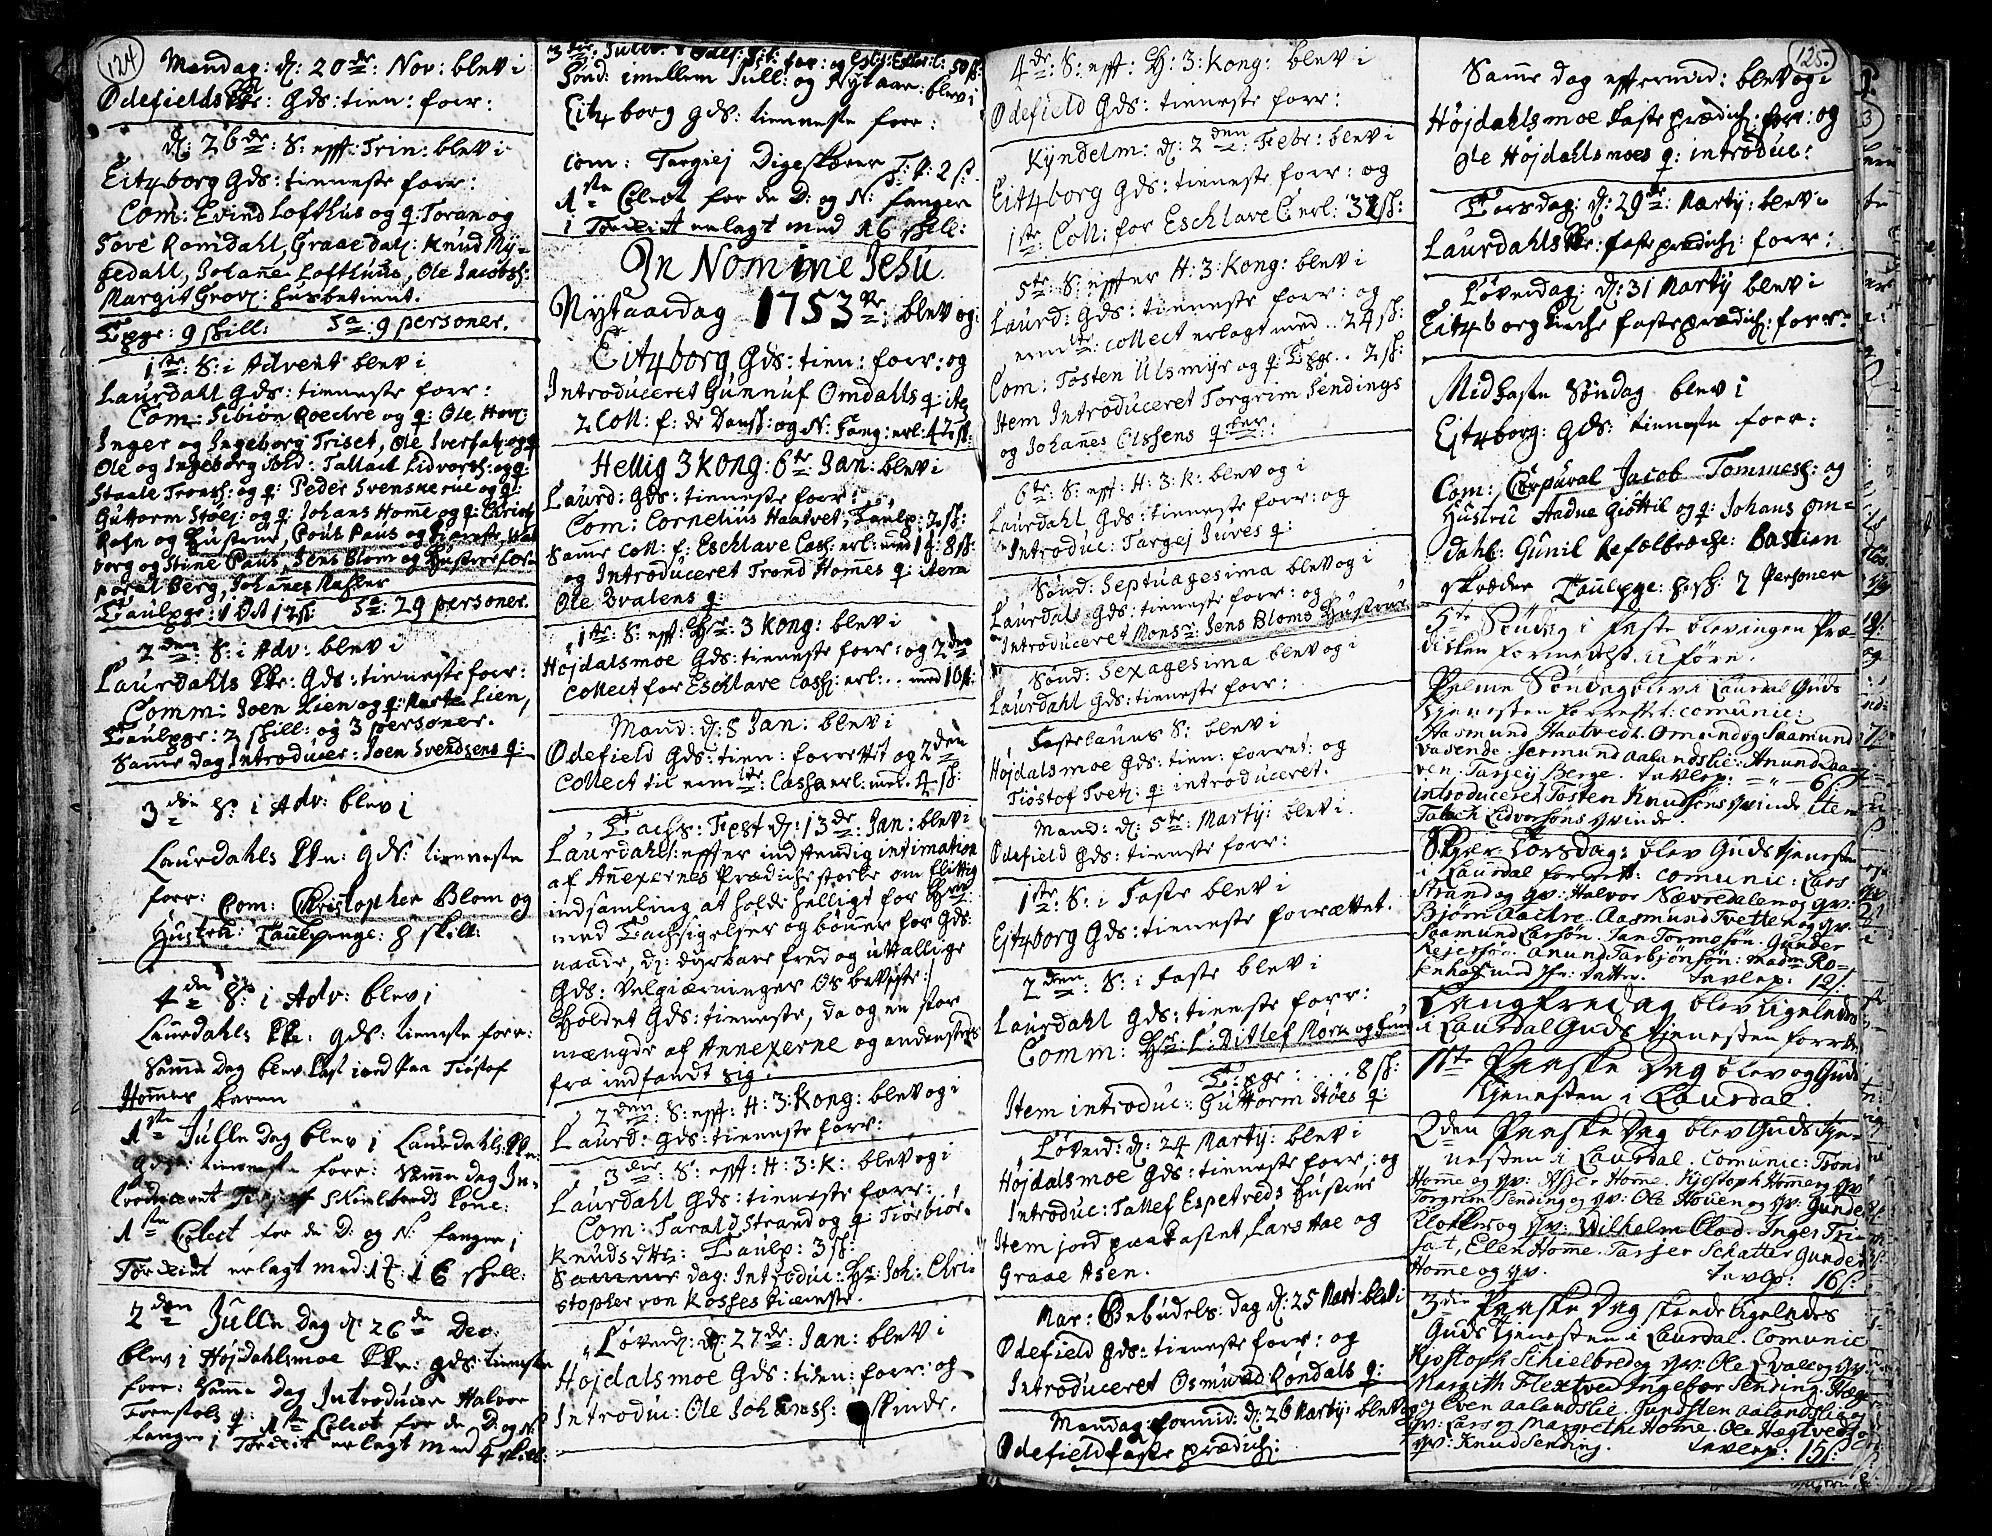 SAKO, Lårdal kirkebøker, F/Fa/L0002: Ministerialbok nr. I 2, 1734-1754, s. 124-125